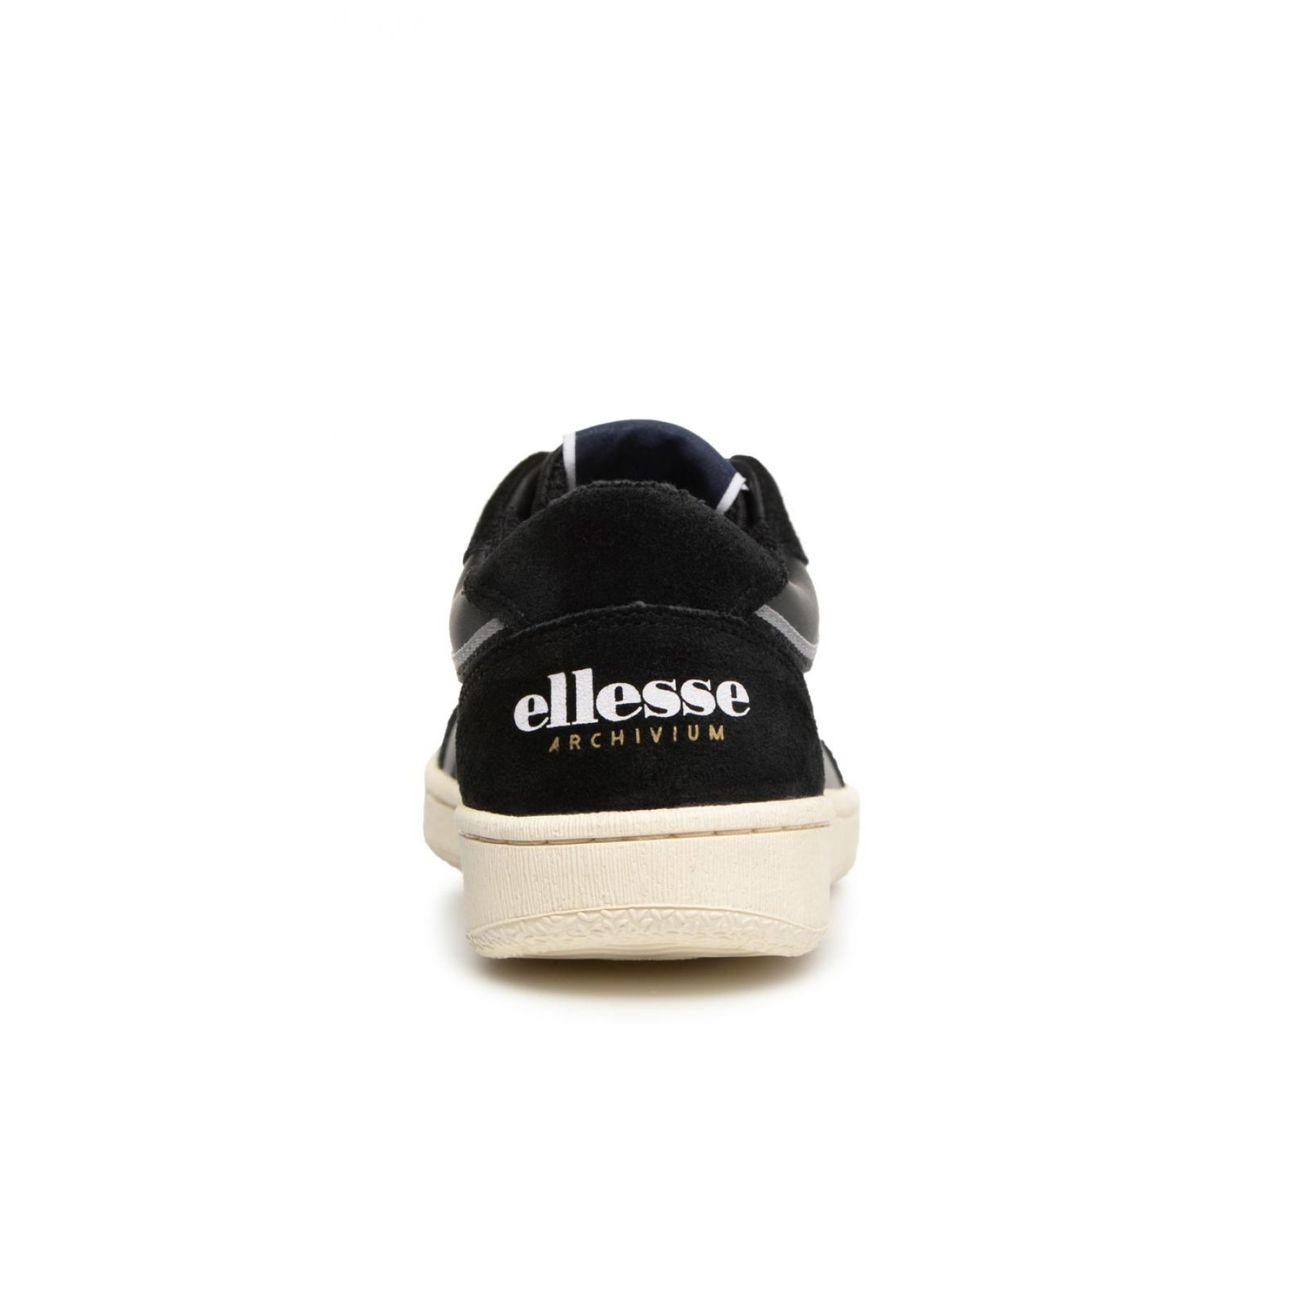 homme ELLESSE Sneakers cuir effet vintage  -  Ellesse - Homme